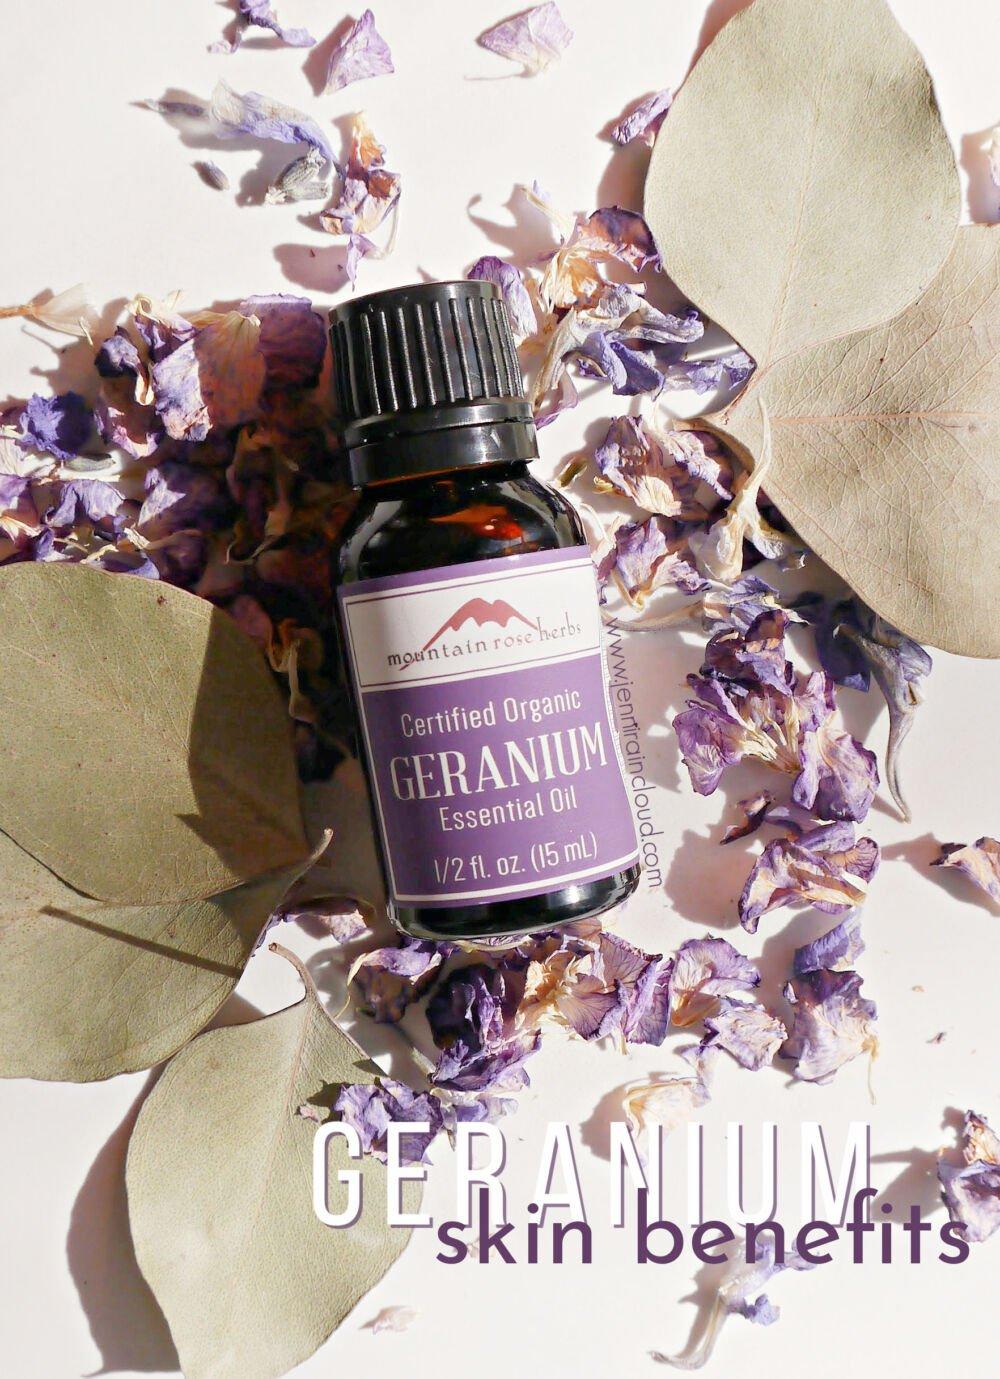 Geranium Essential Oil Skin Benefits